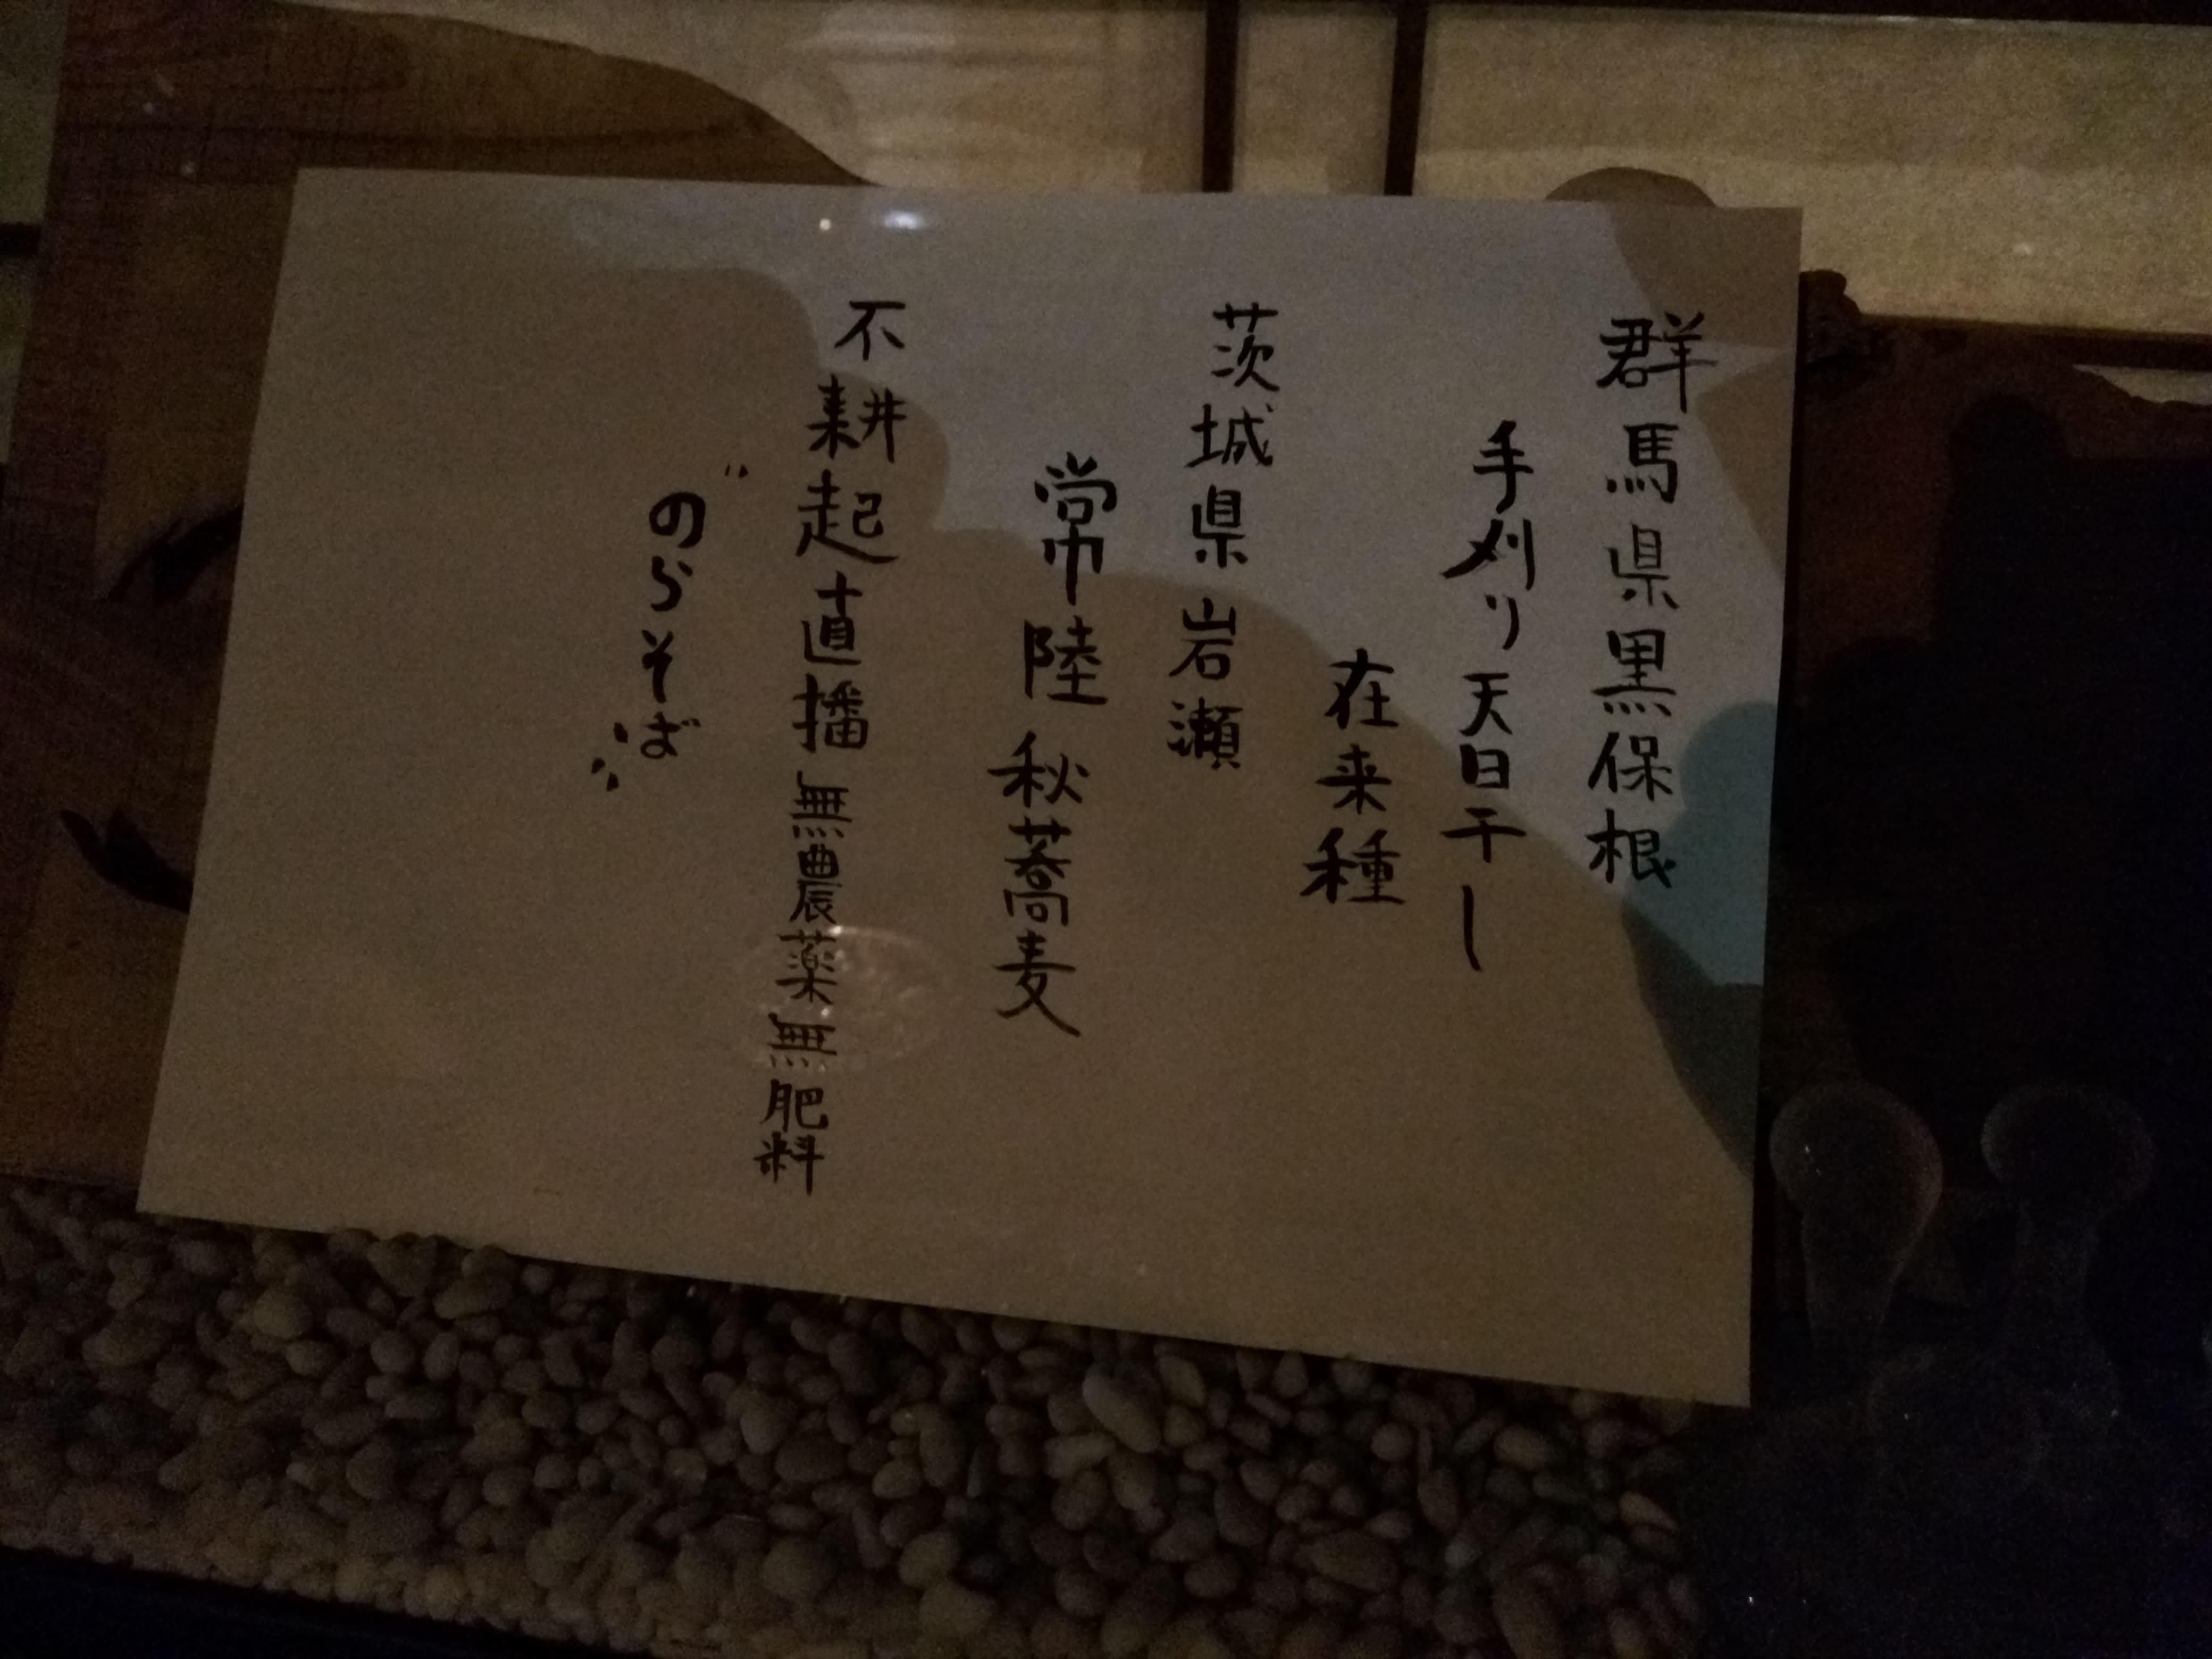 上品で硬派な名店のお蕎麦 ~ 江古田 手打ち蕎麦 じゆうさん